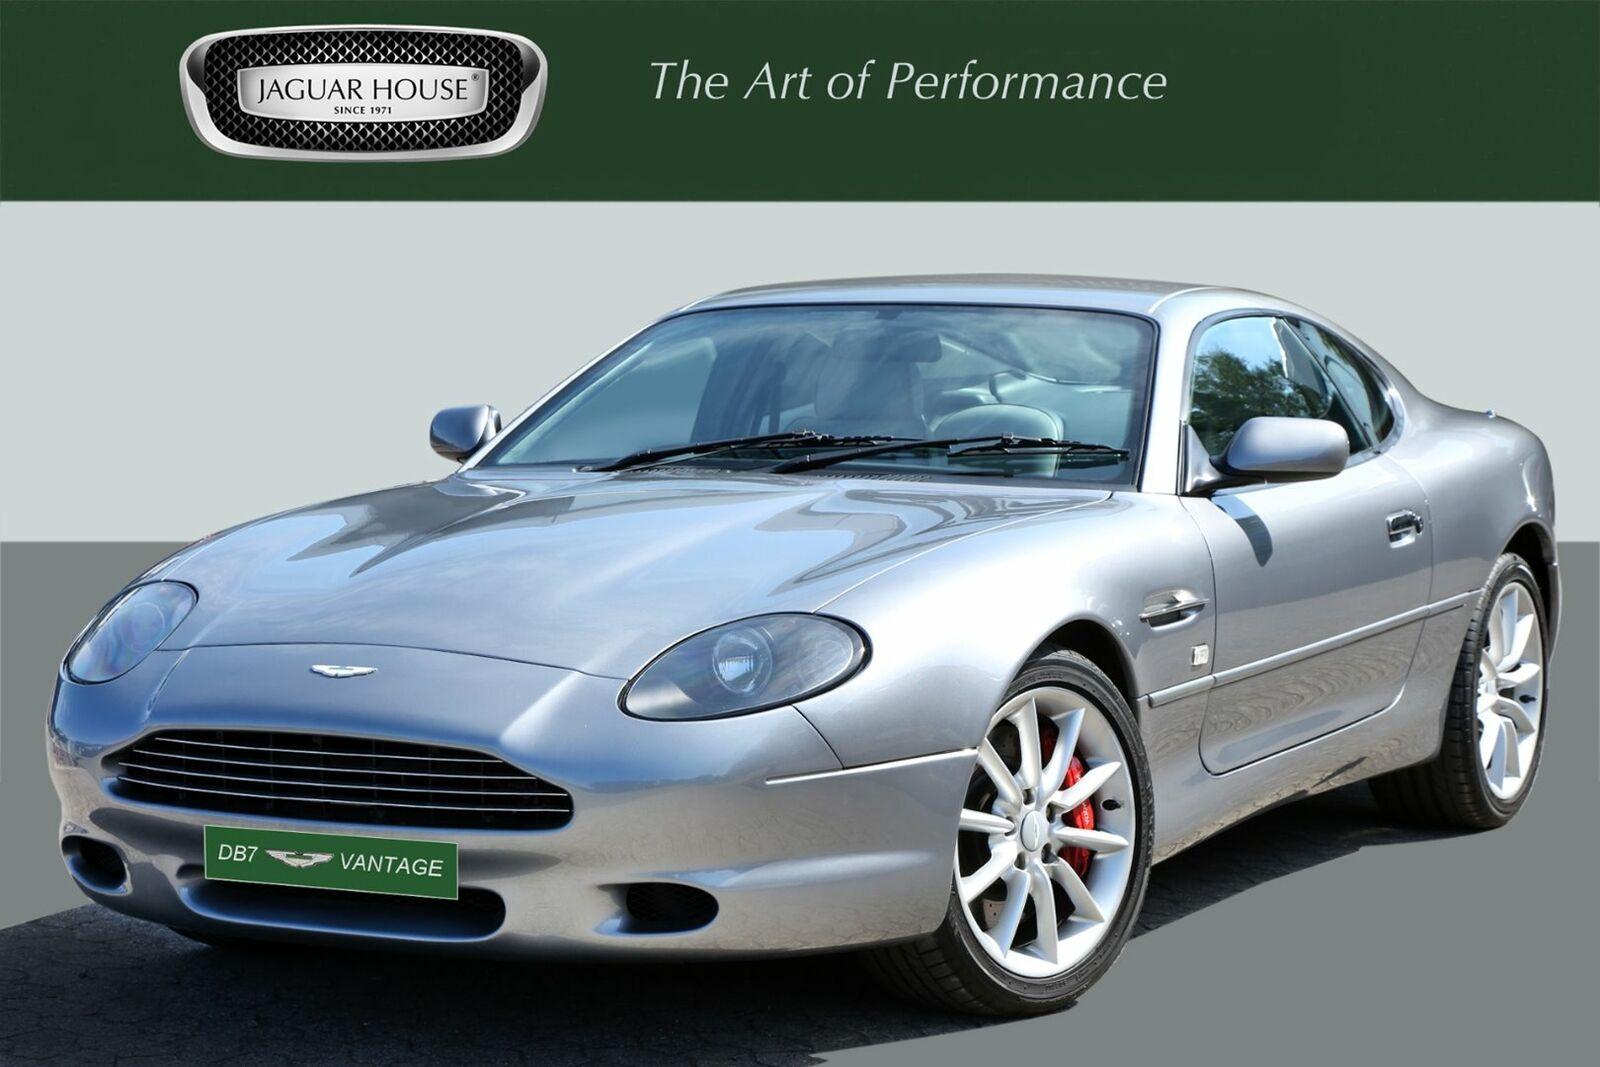 Aston Martin DB7 6,0 Coupé Vantage aut. 2d - 288.000 kr.